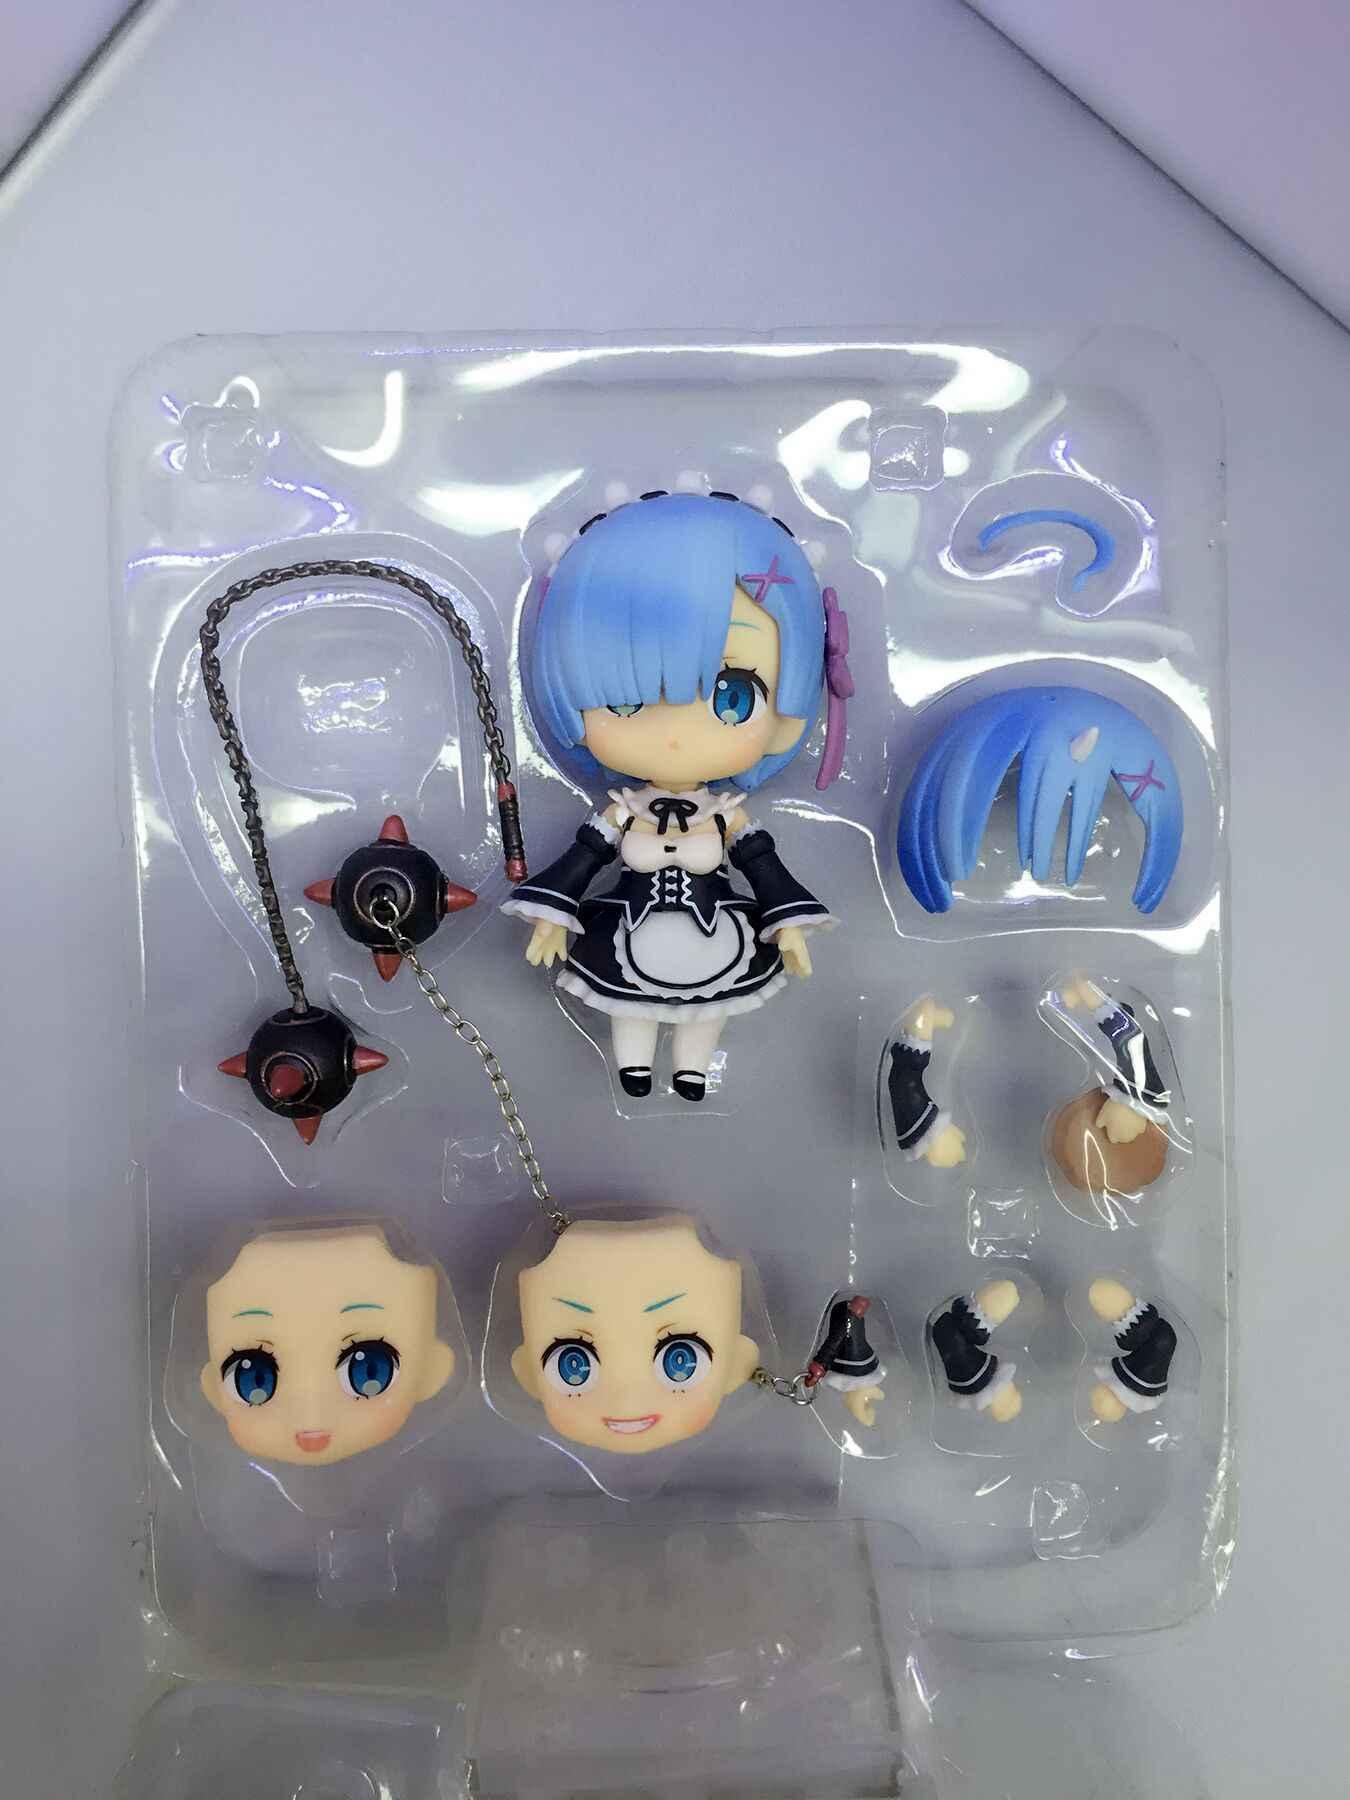 Anime re: a vida em um mundo diferente de zero nendoroid 663 azul rem & 732 vermelho ram kawaii bonito figura de ação brinquedos 10cm